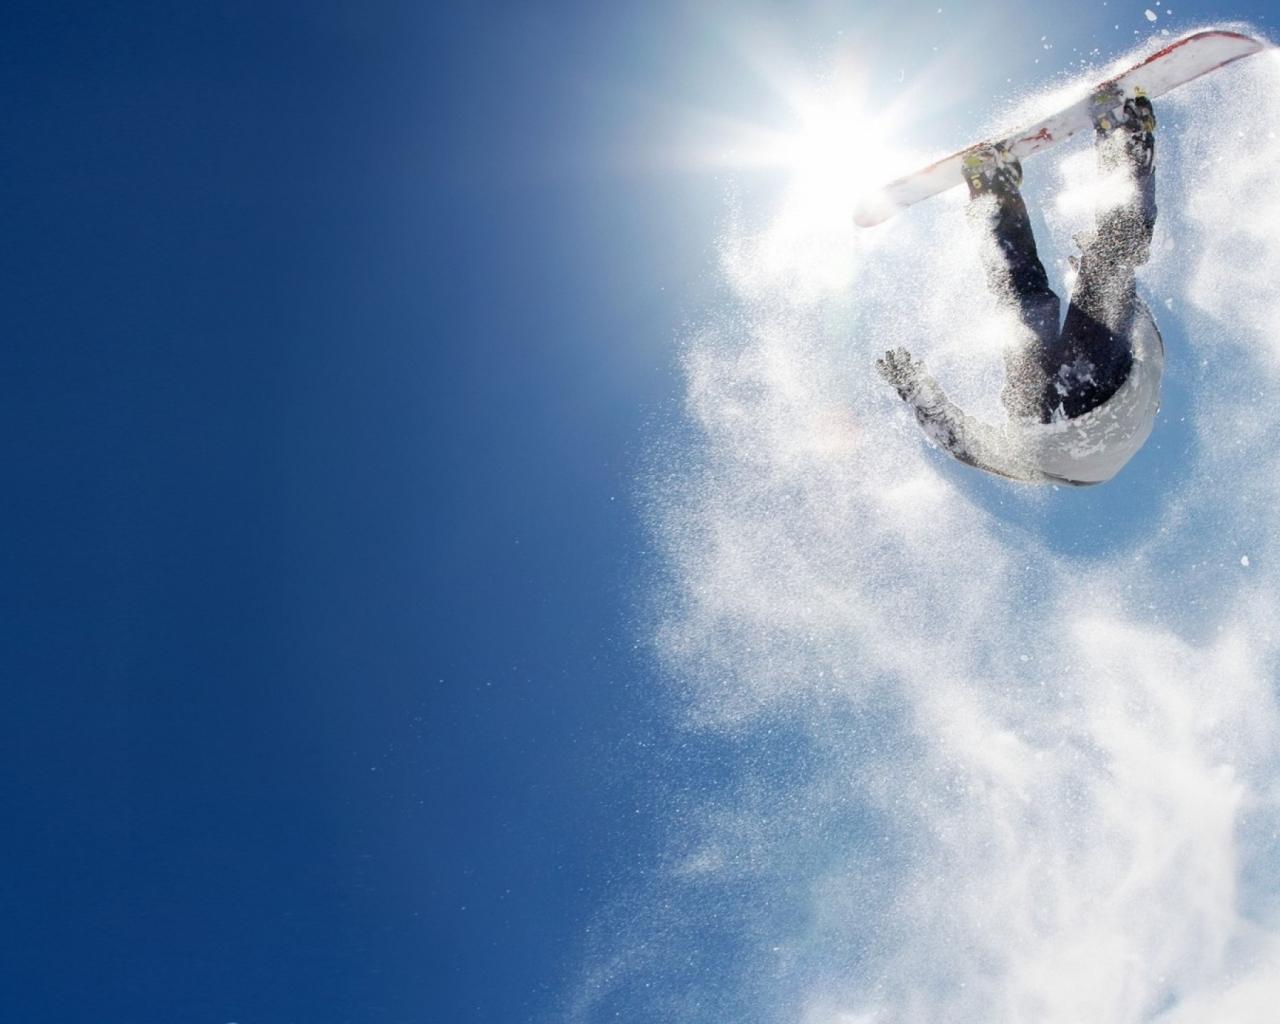 Salto sobre las nieves - 1280x1024